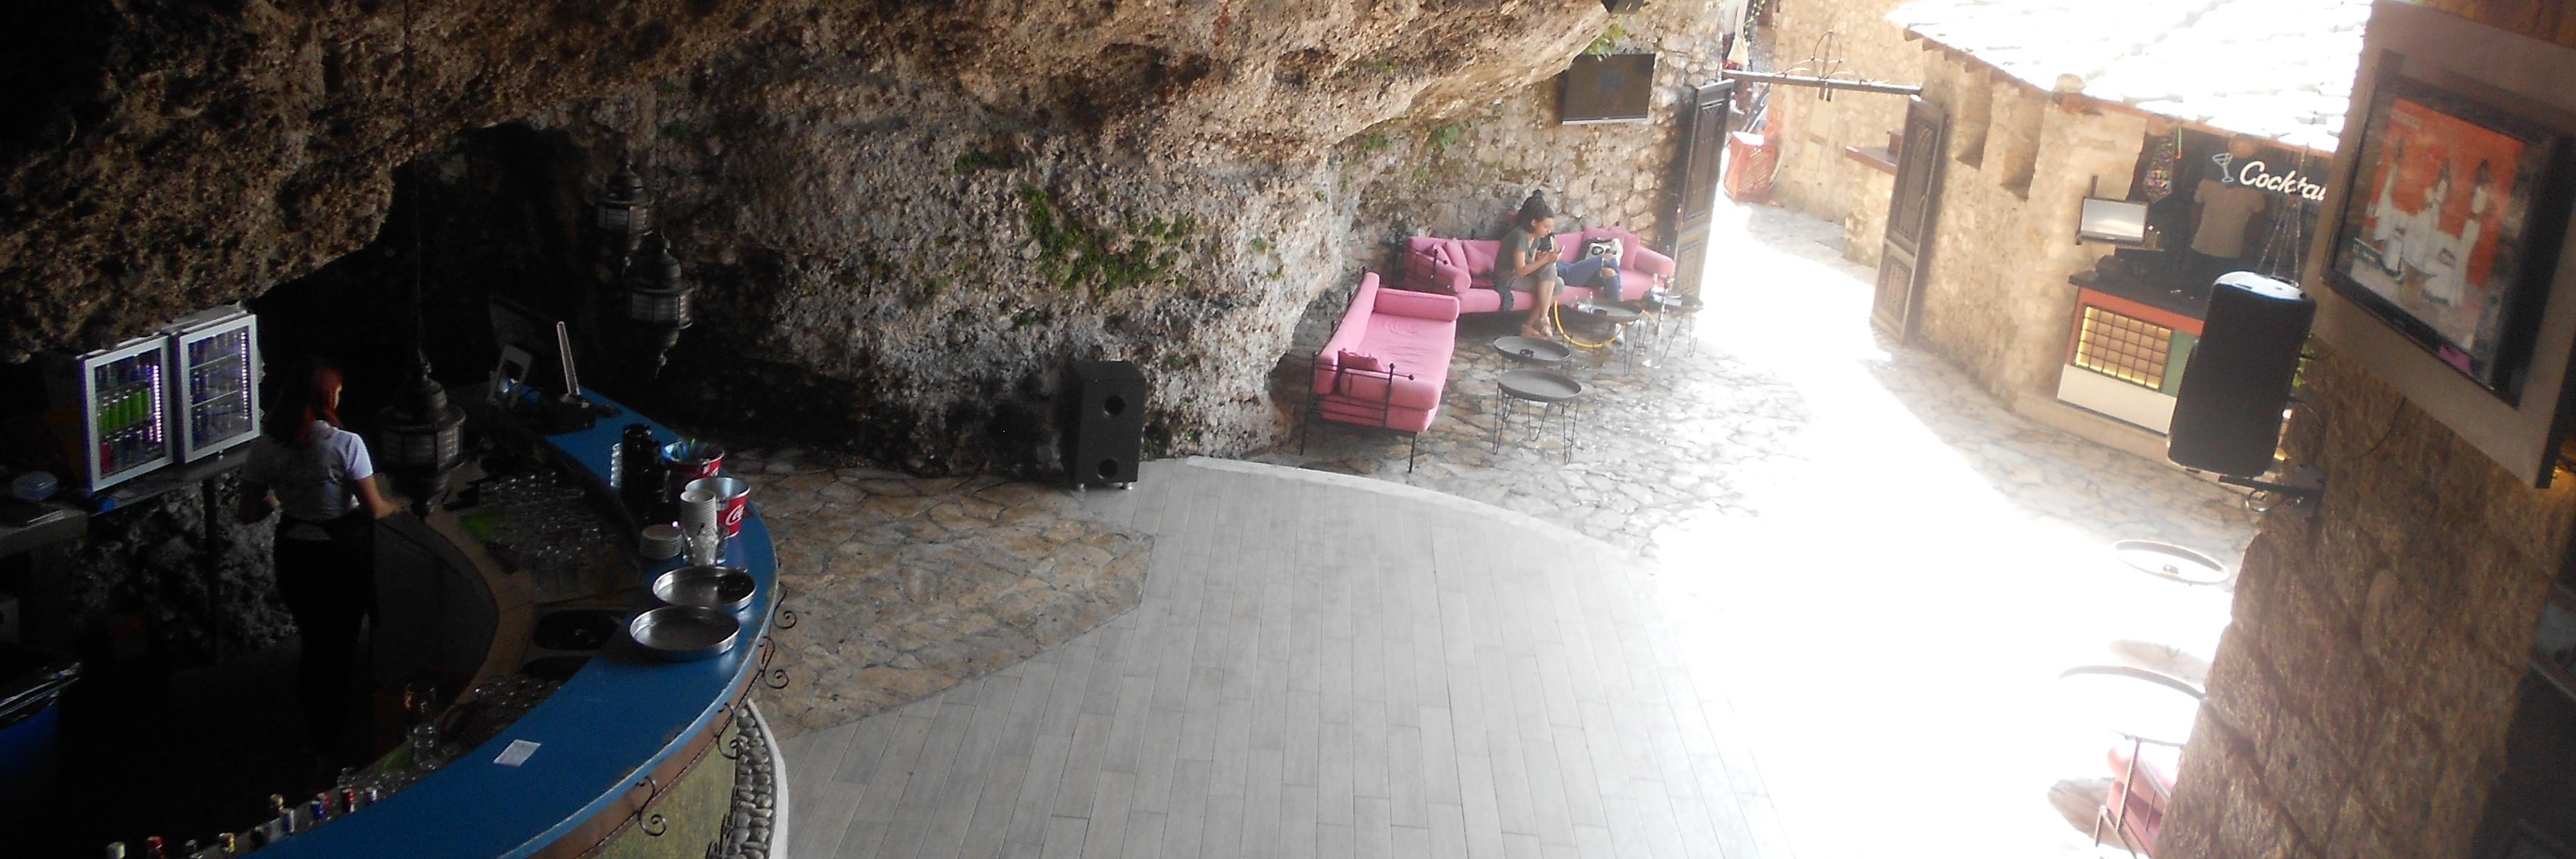 Пещера Али-бабы